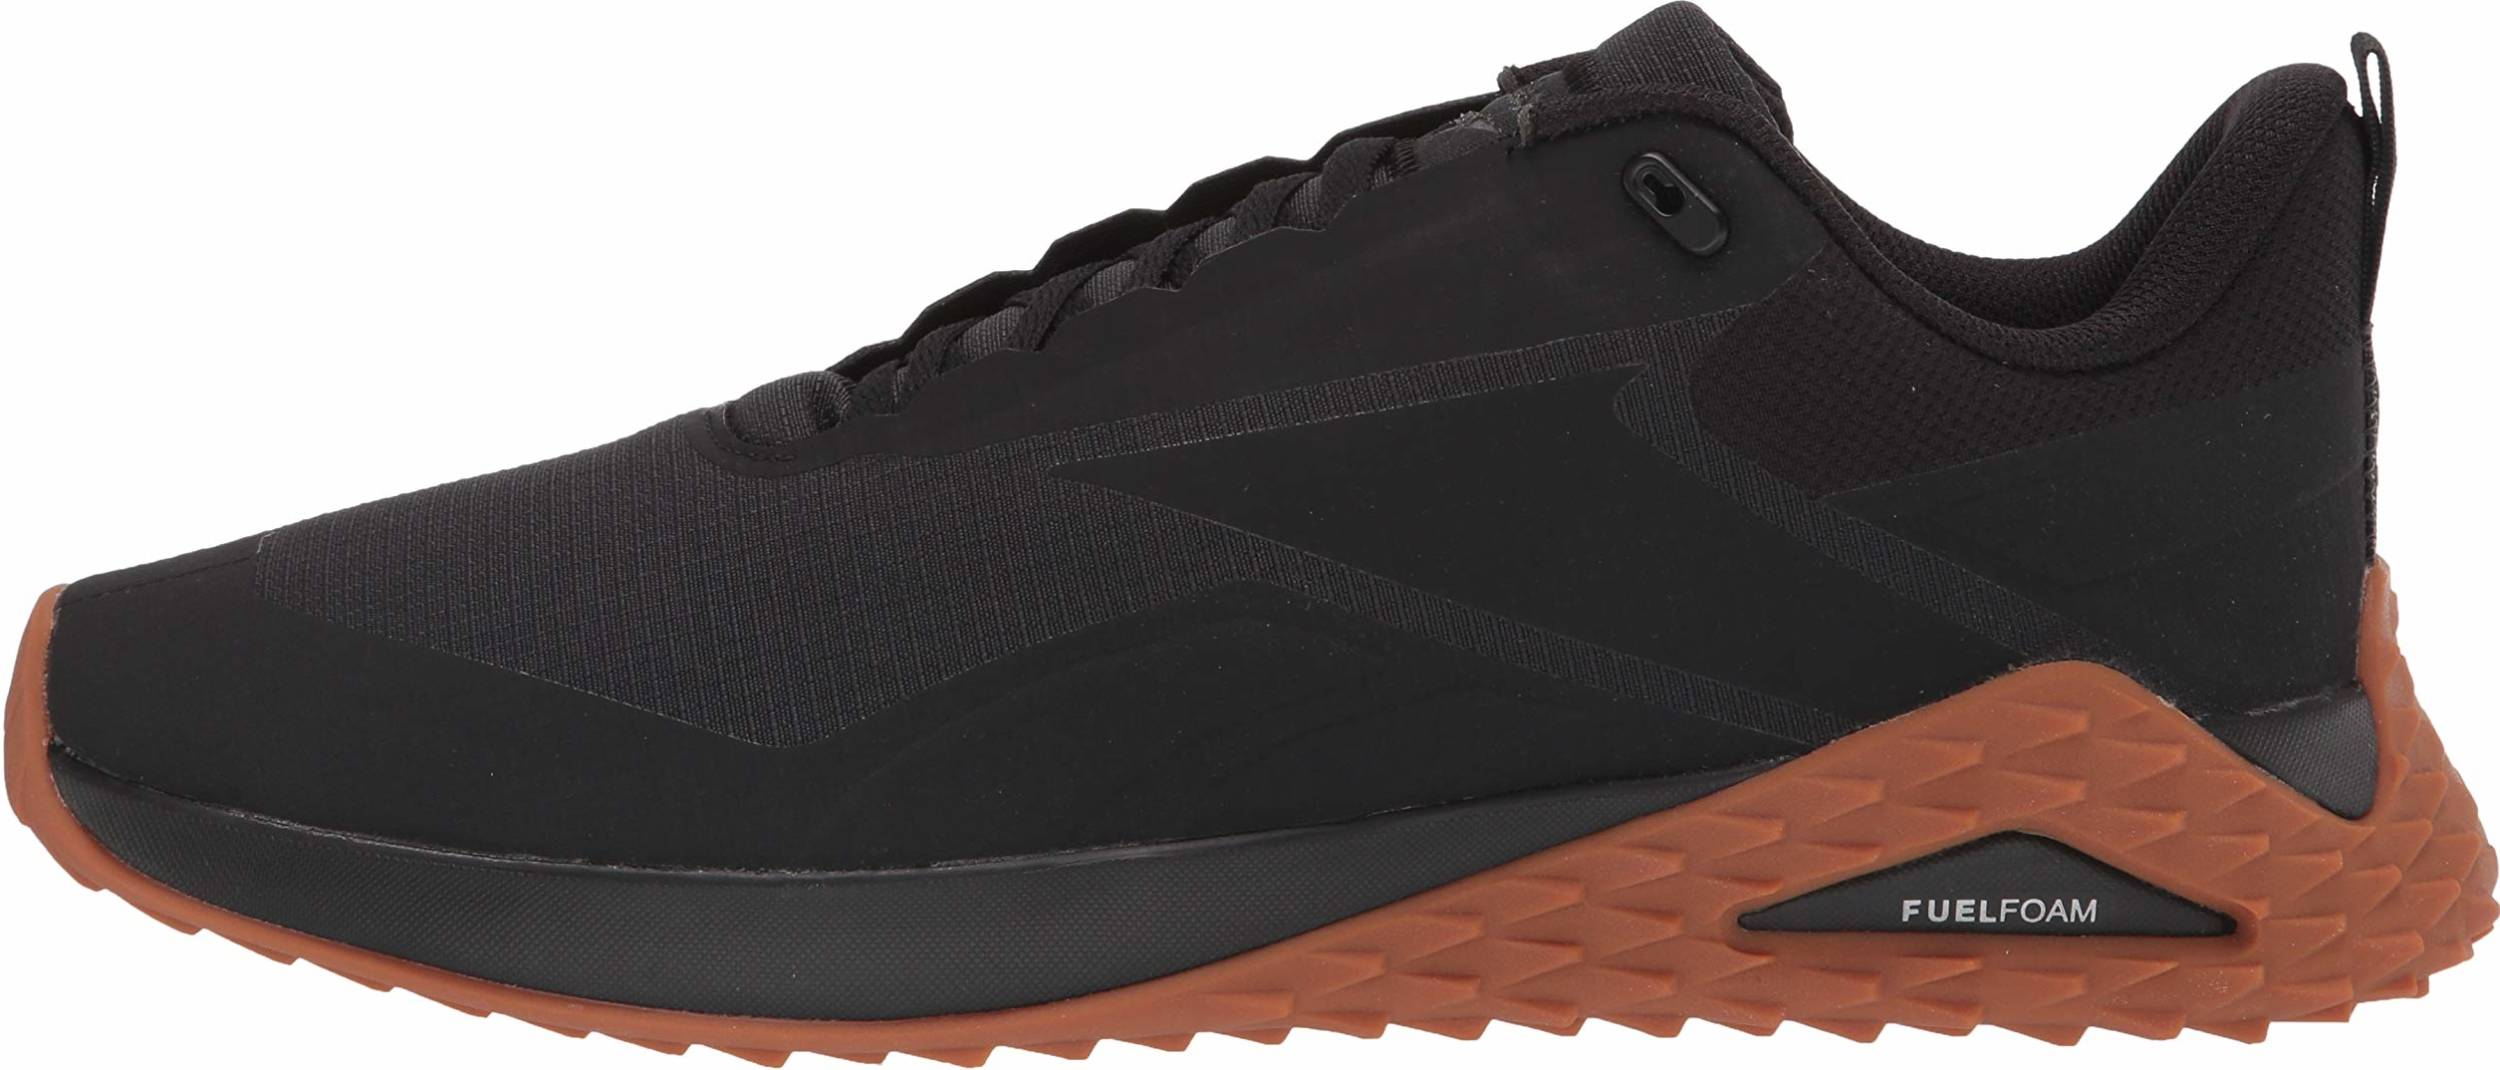 Save 47% on Reebok Walking Shoes (21